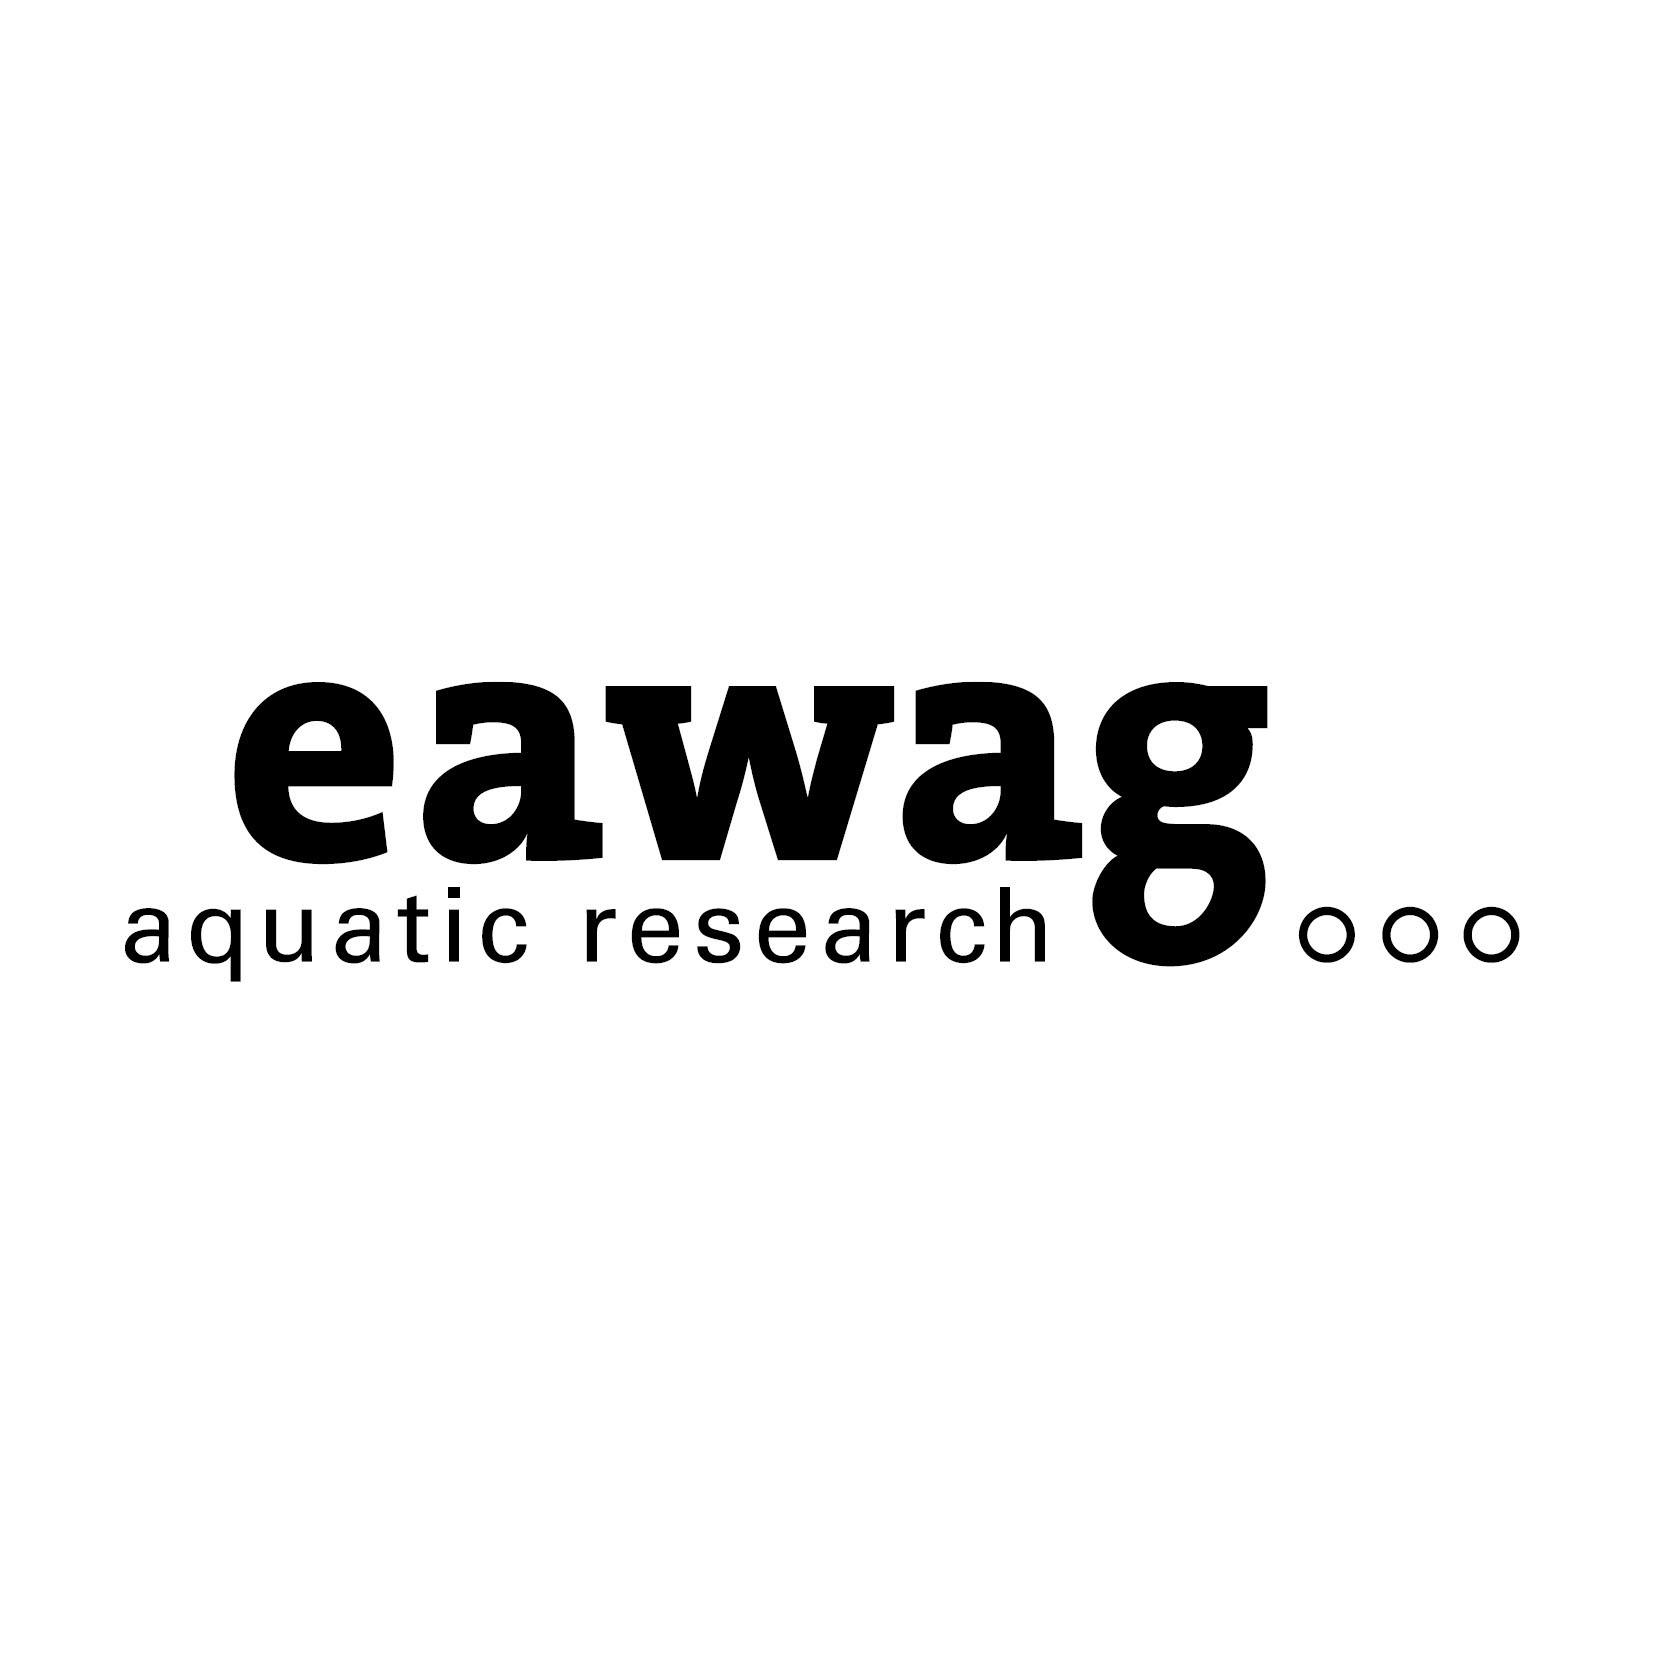 EAWAG